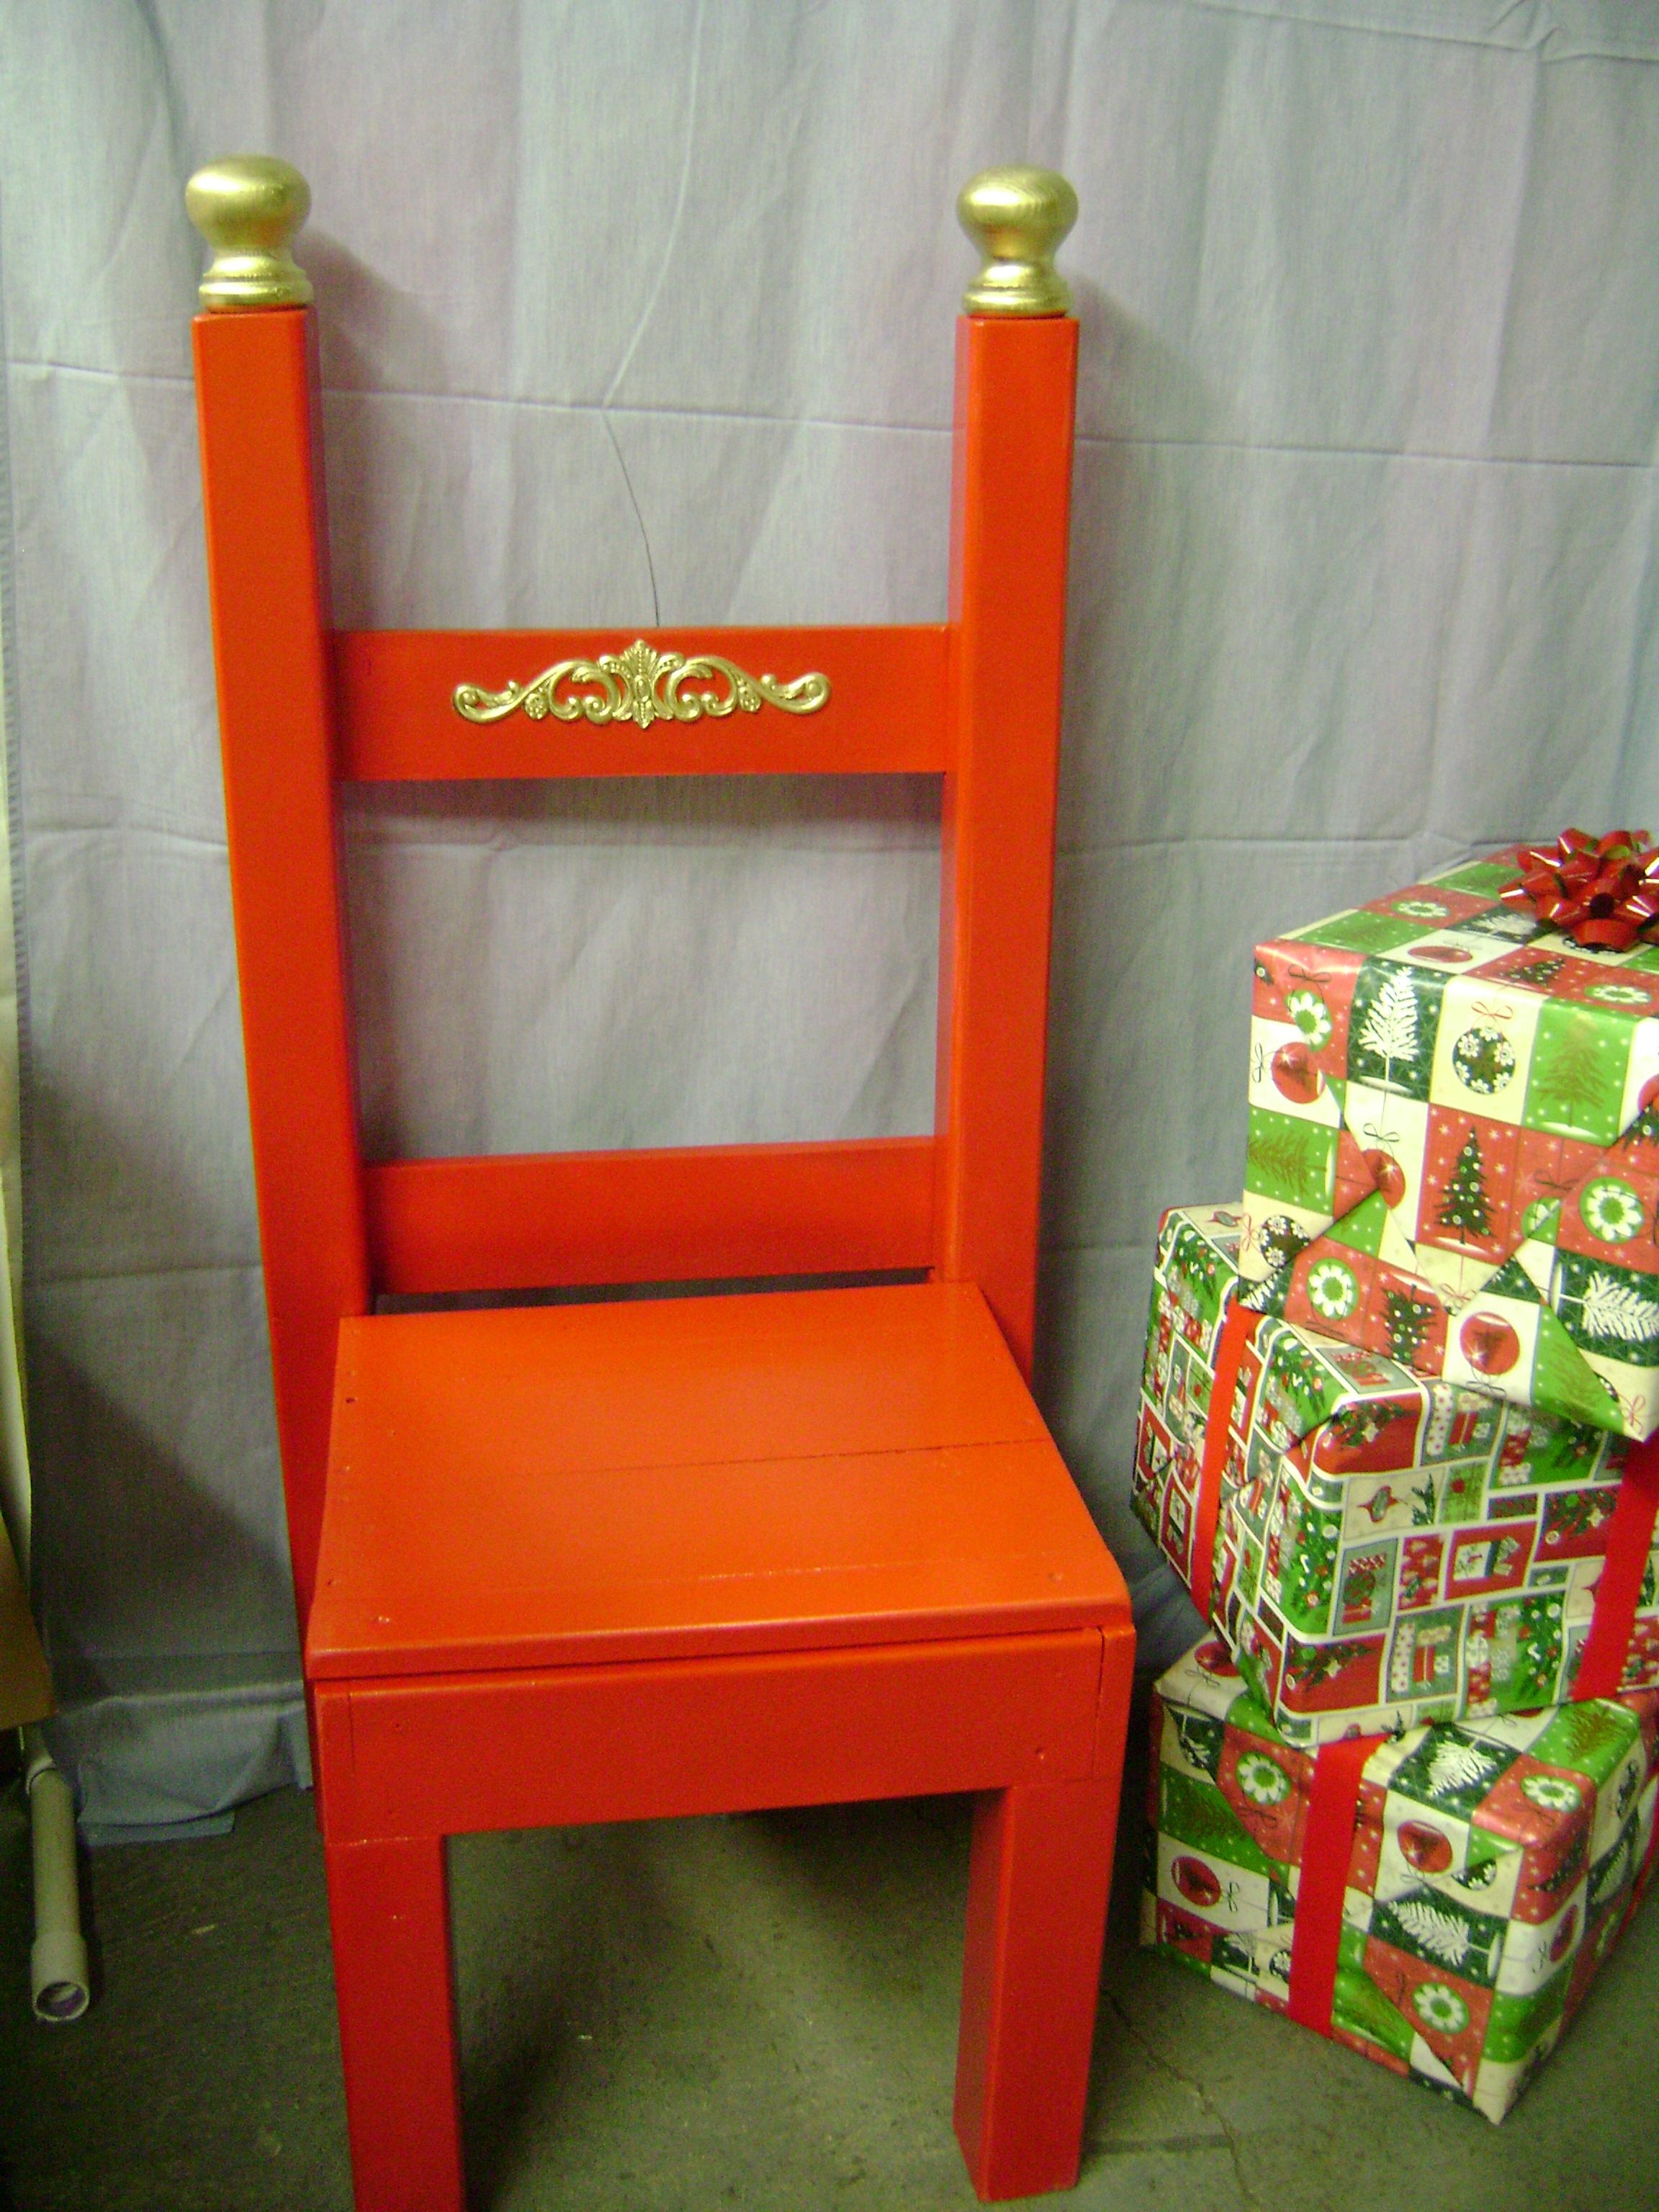 PROP - Santa Chair